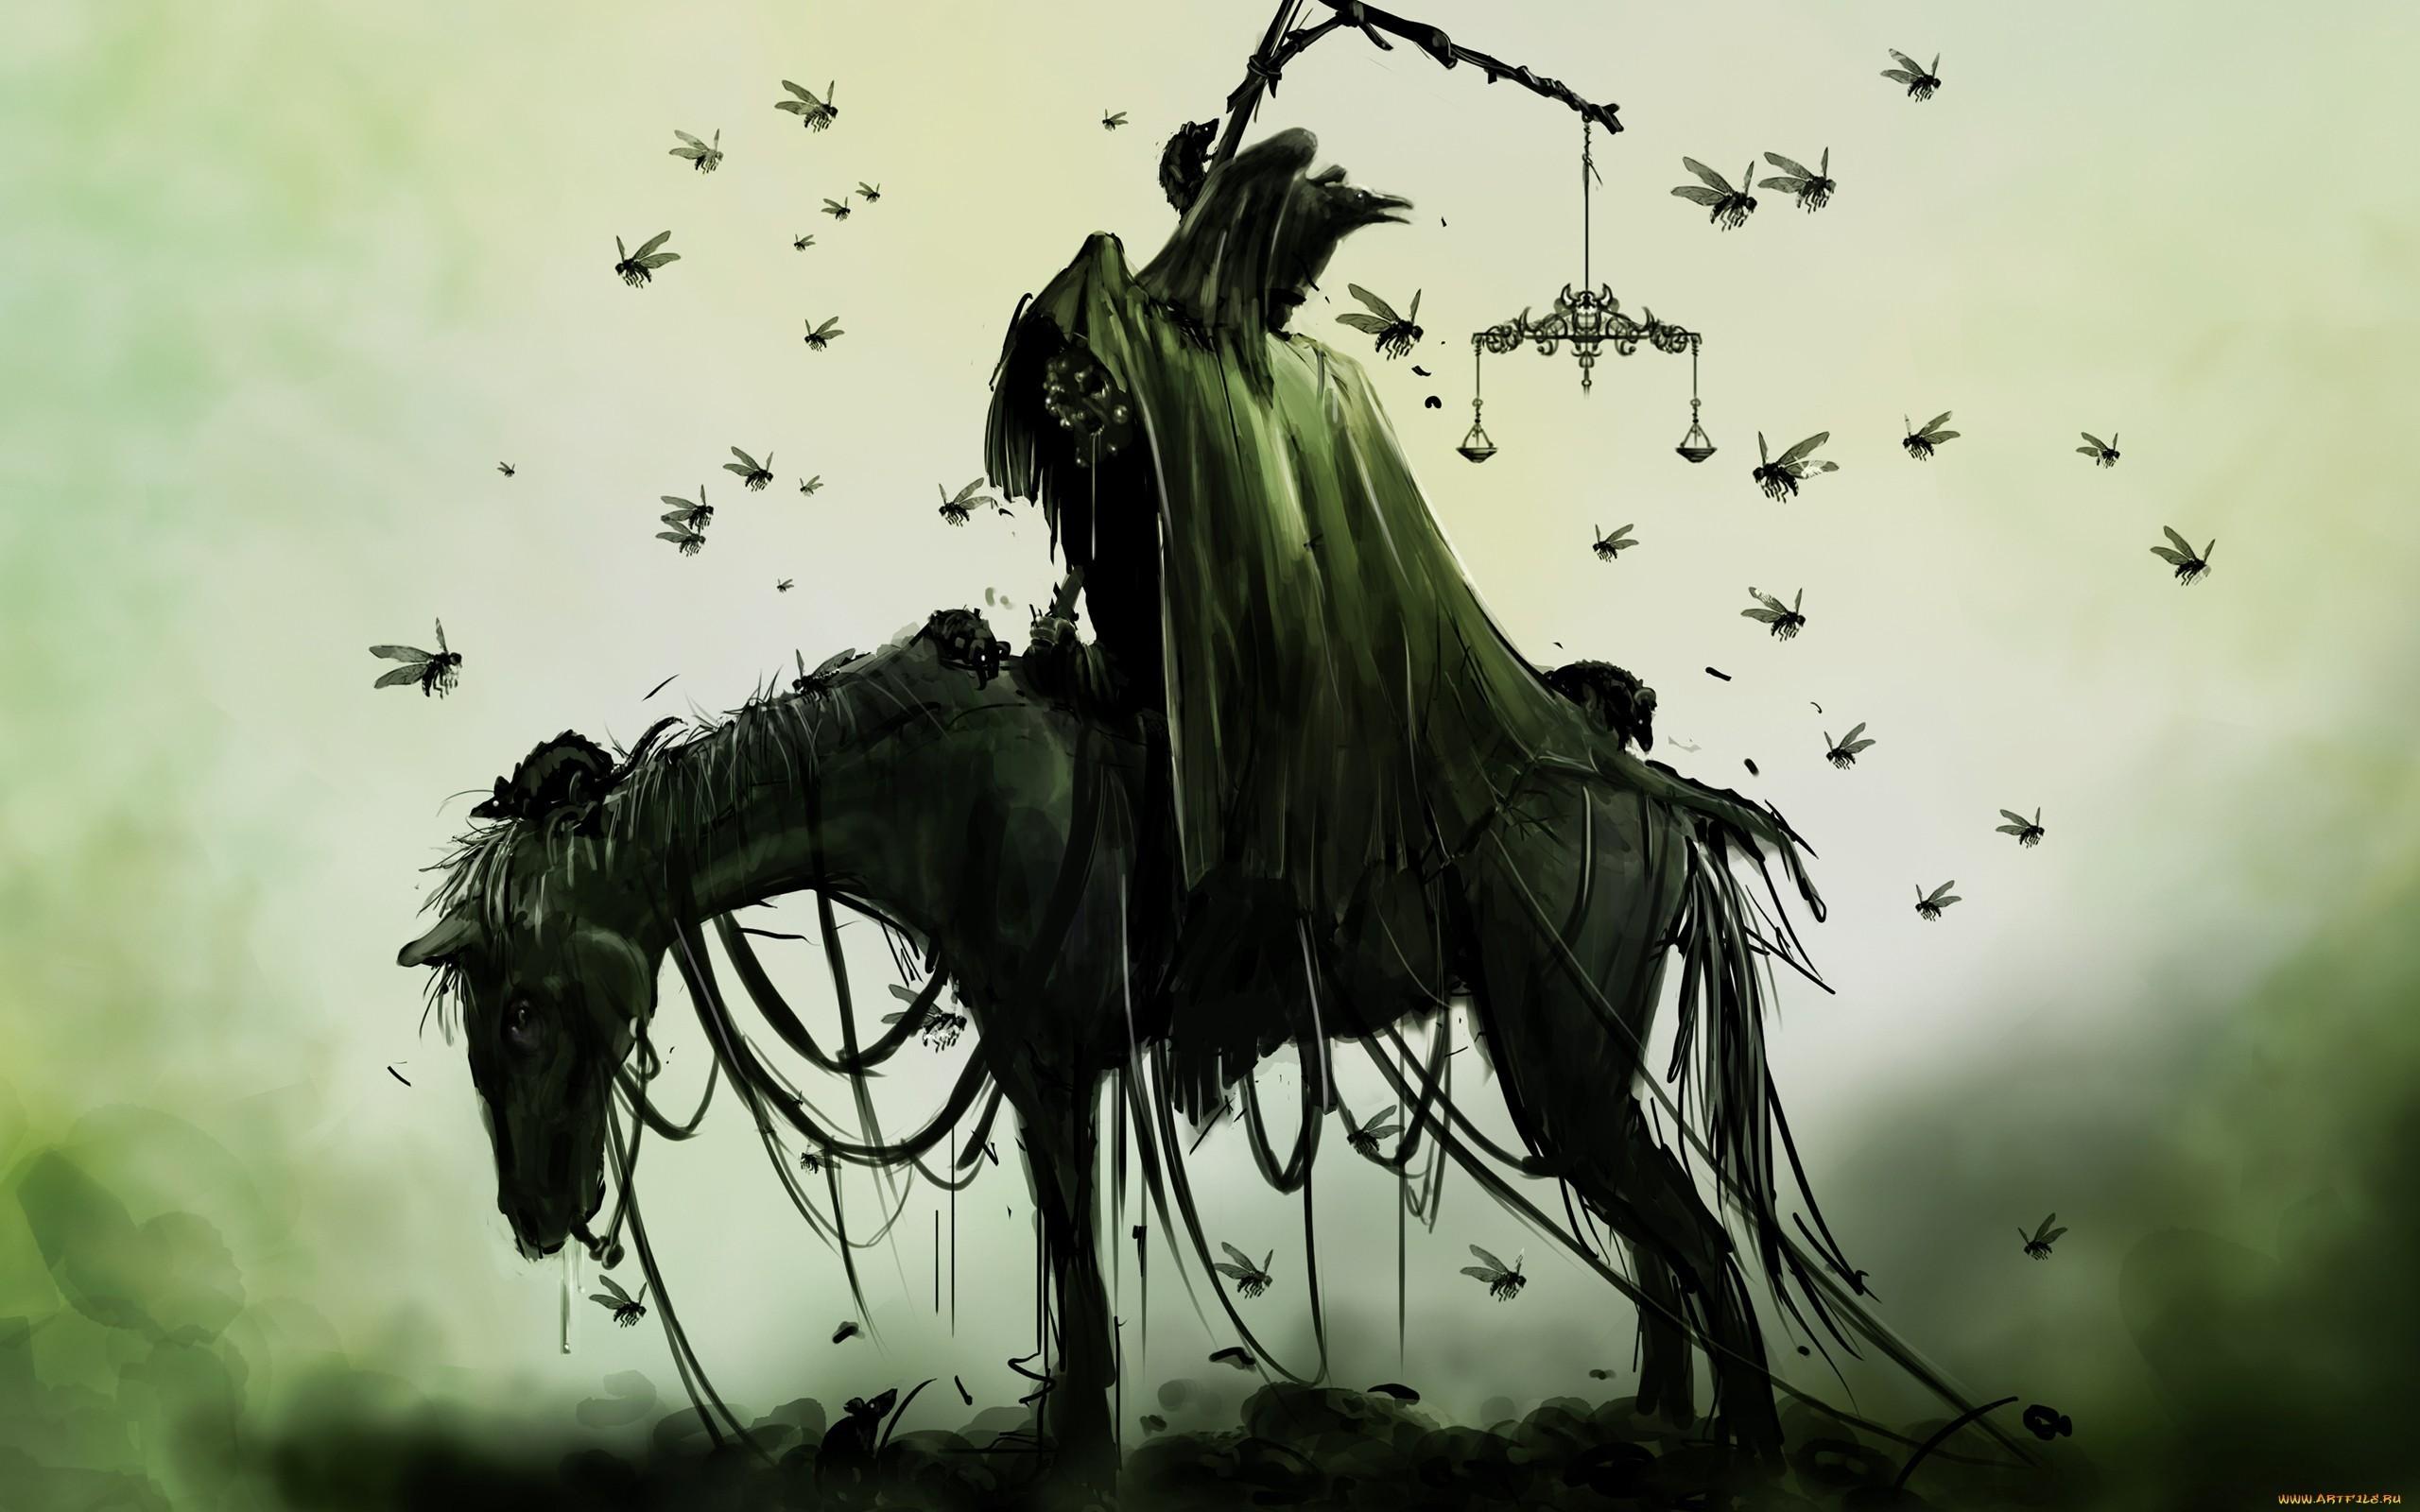 Grim Reaper Wallpaper (68+ images)